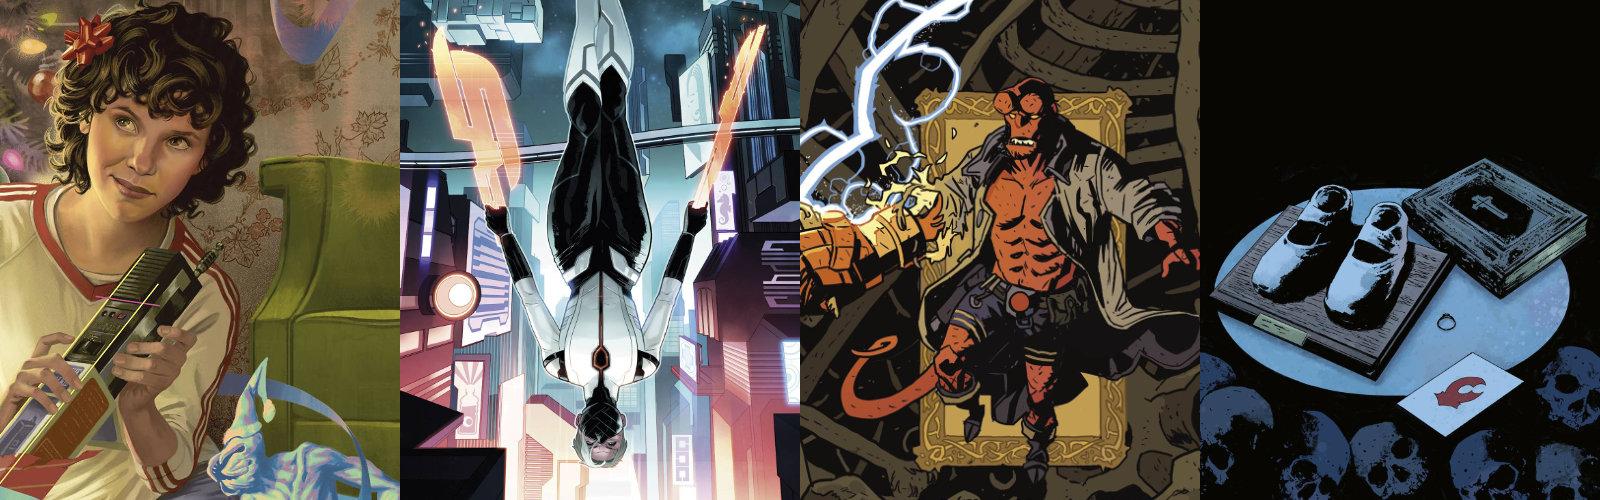 Solicitations: November 2021 – Dark Horse Comics